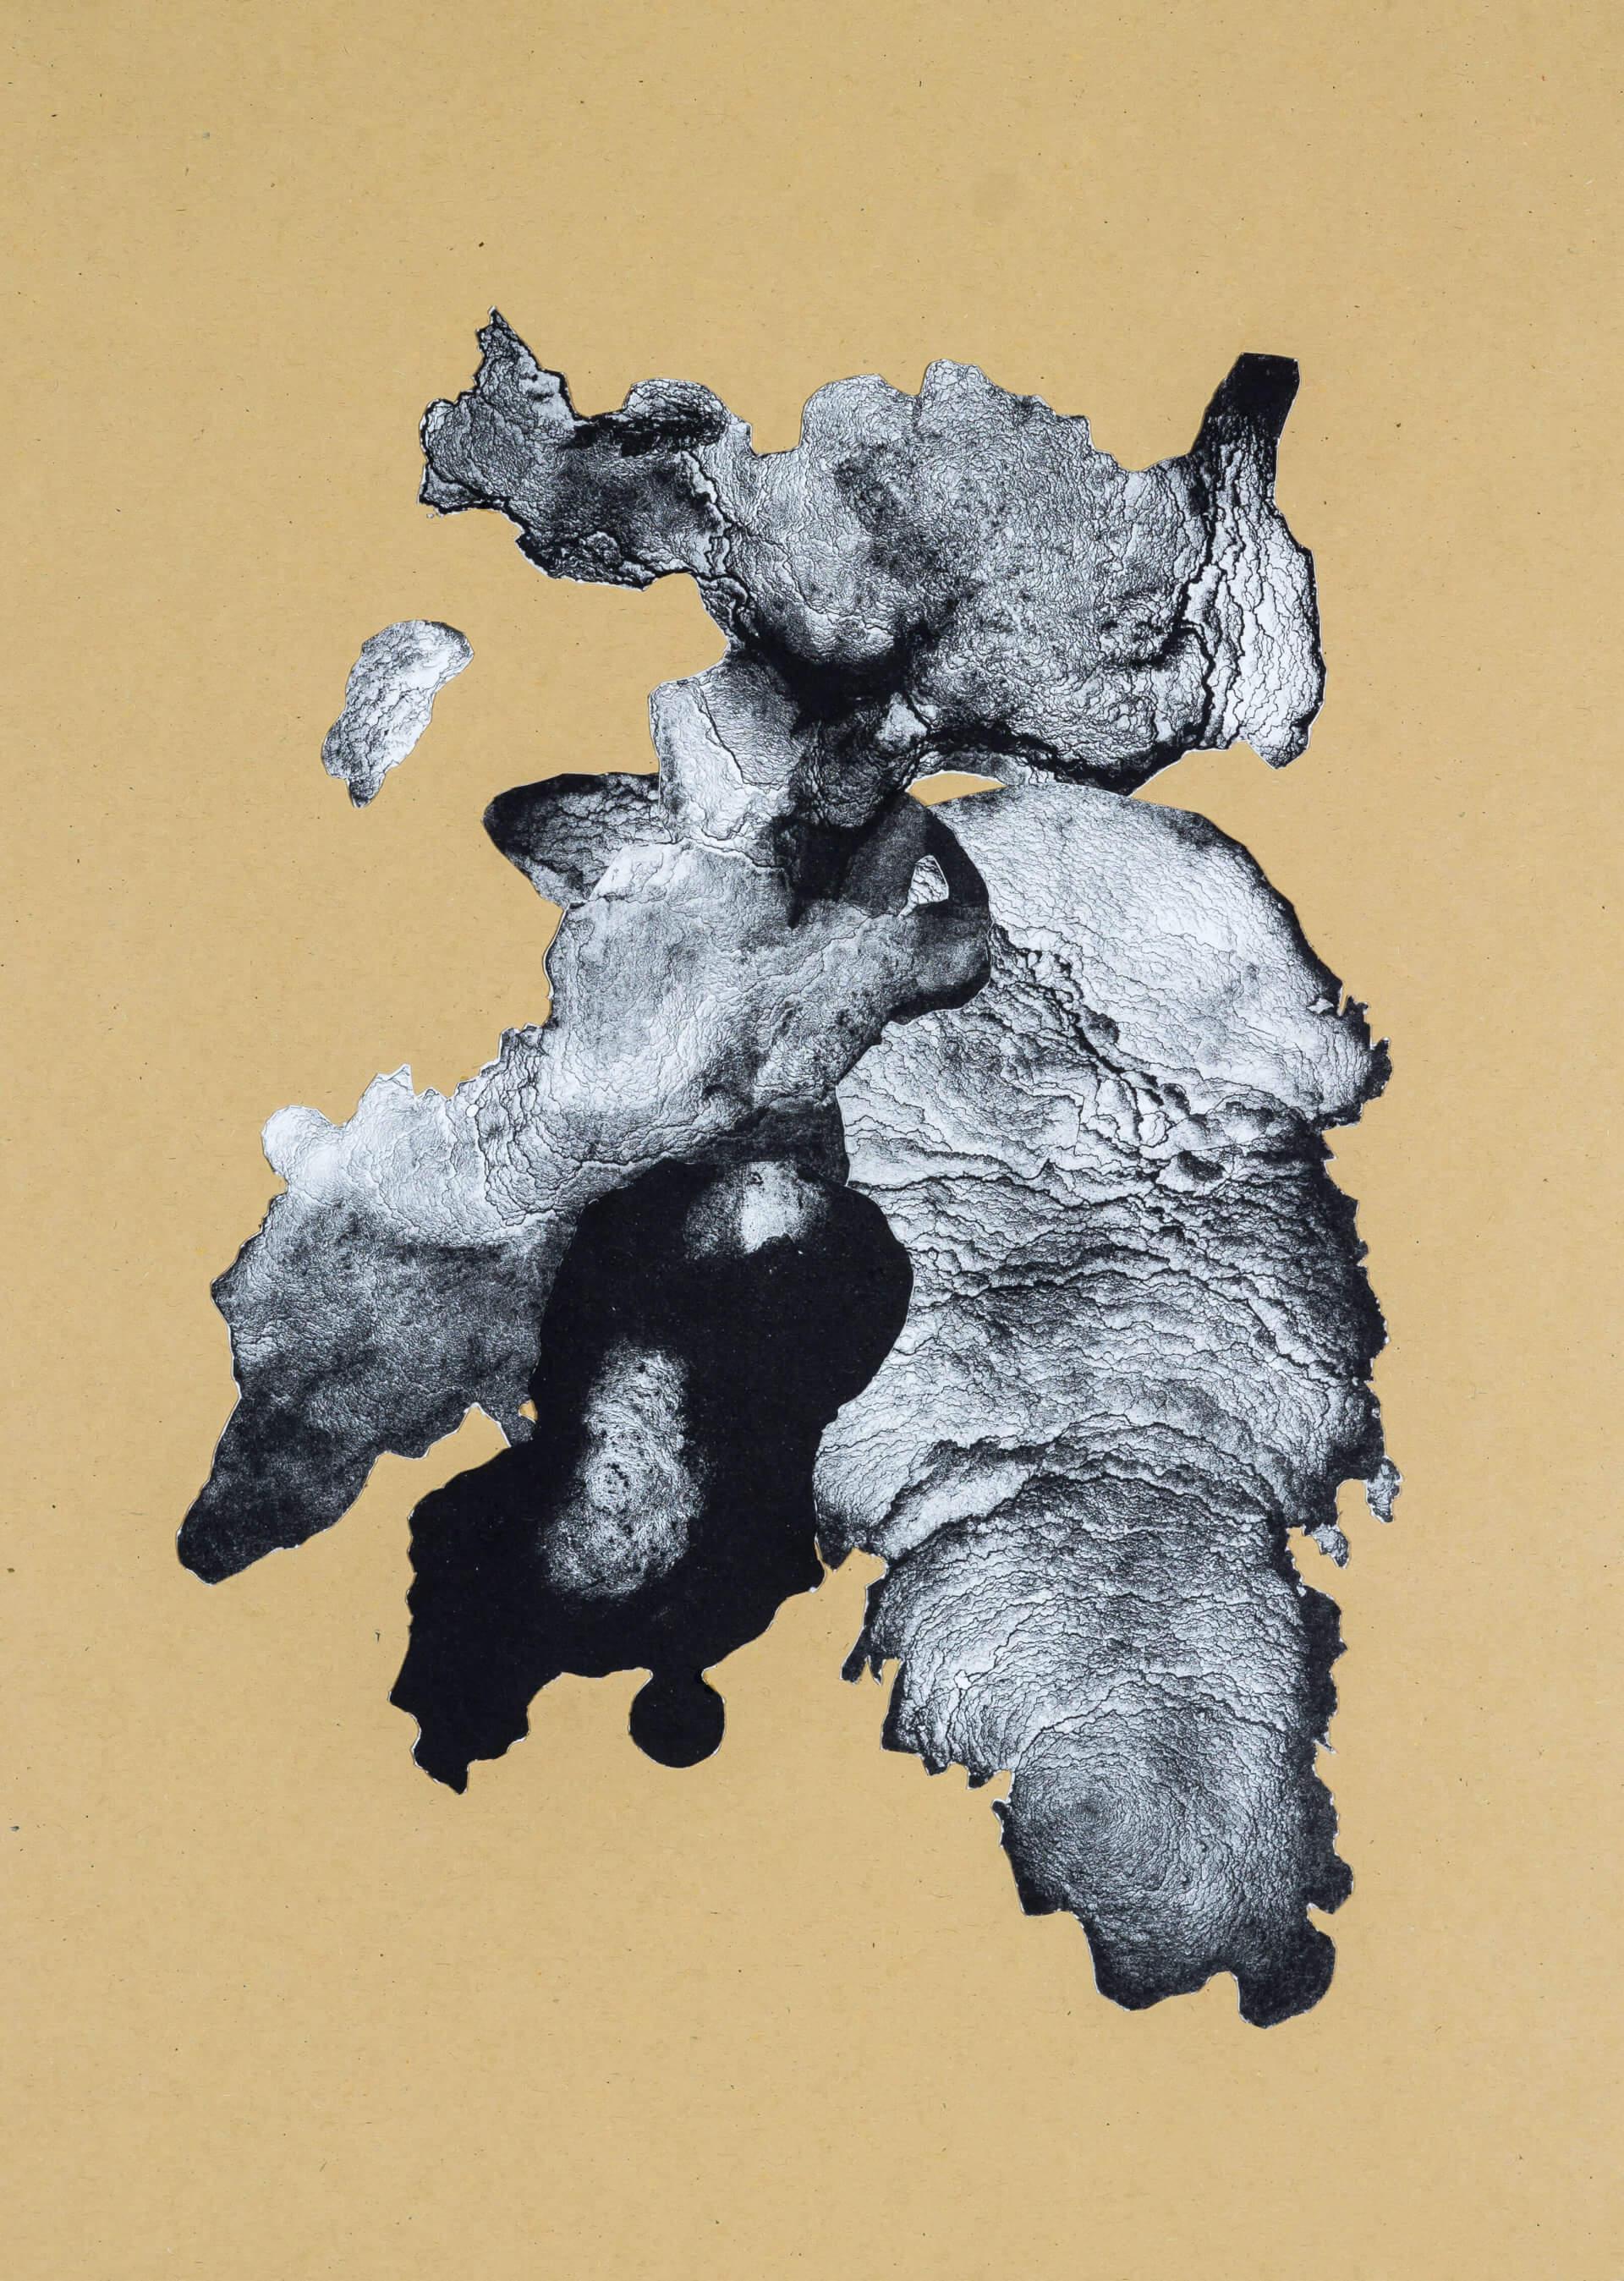 organism (cr) IV, 2018, Lithographiecollage auf Papier, Unikat, 41,5x30cm